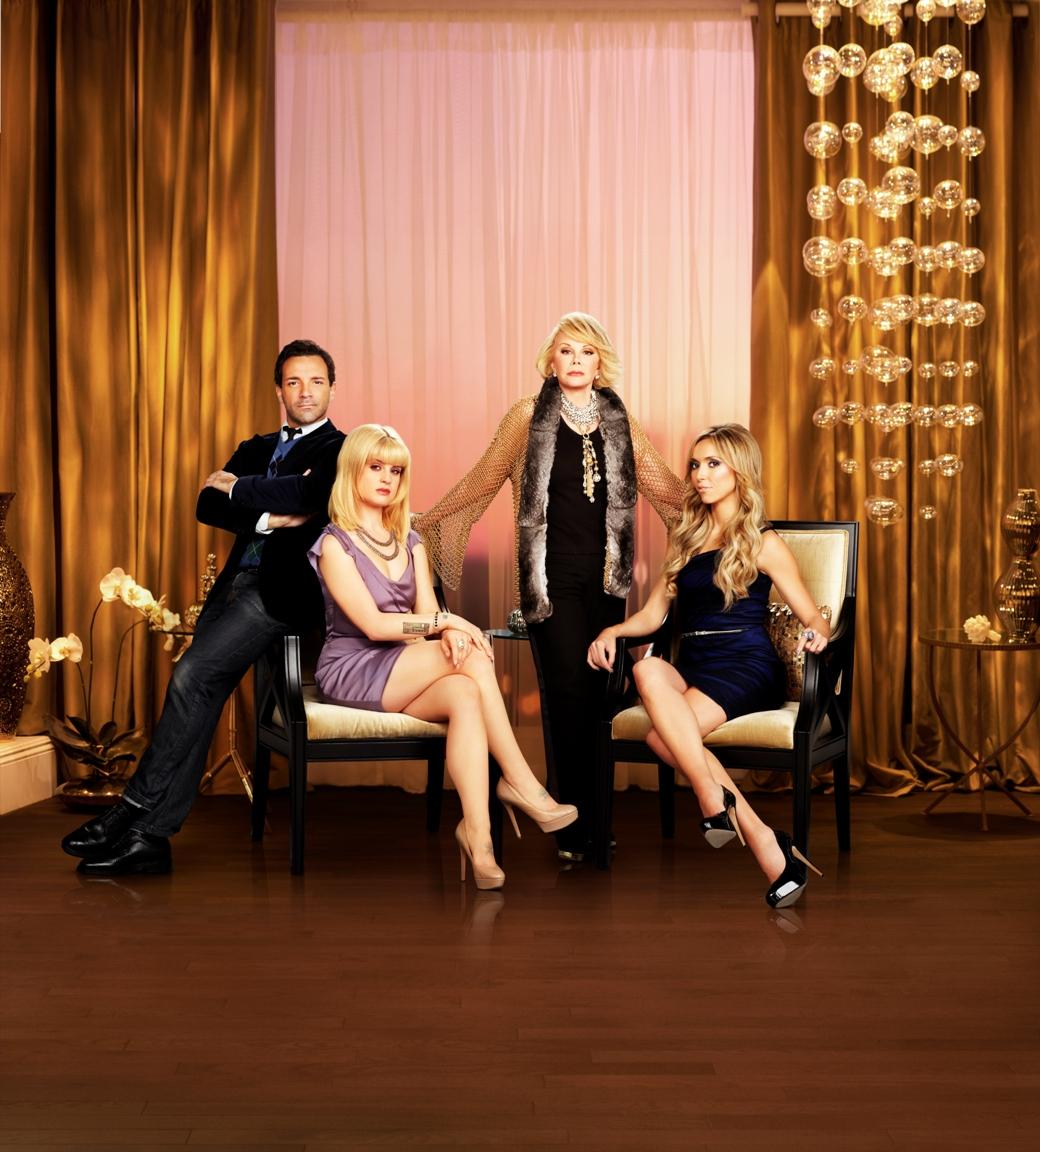 http://2.bp.blogspot.com/-jOy2TufGPvk/Twxp8LFekyI/AAAAAAAAAOg/oo-MLKtSf1Y/s1600/Fashion+Police+.jpg